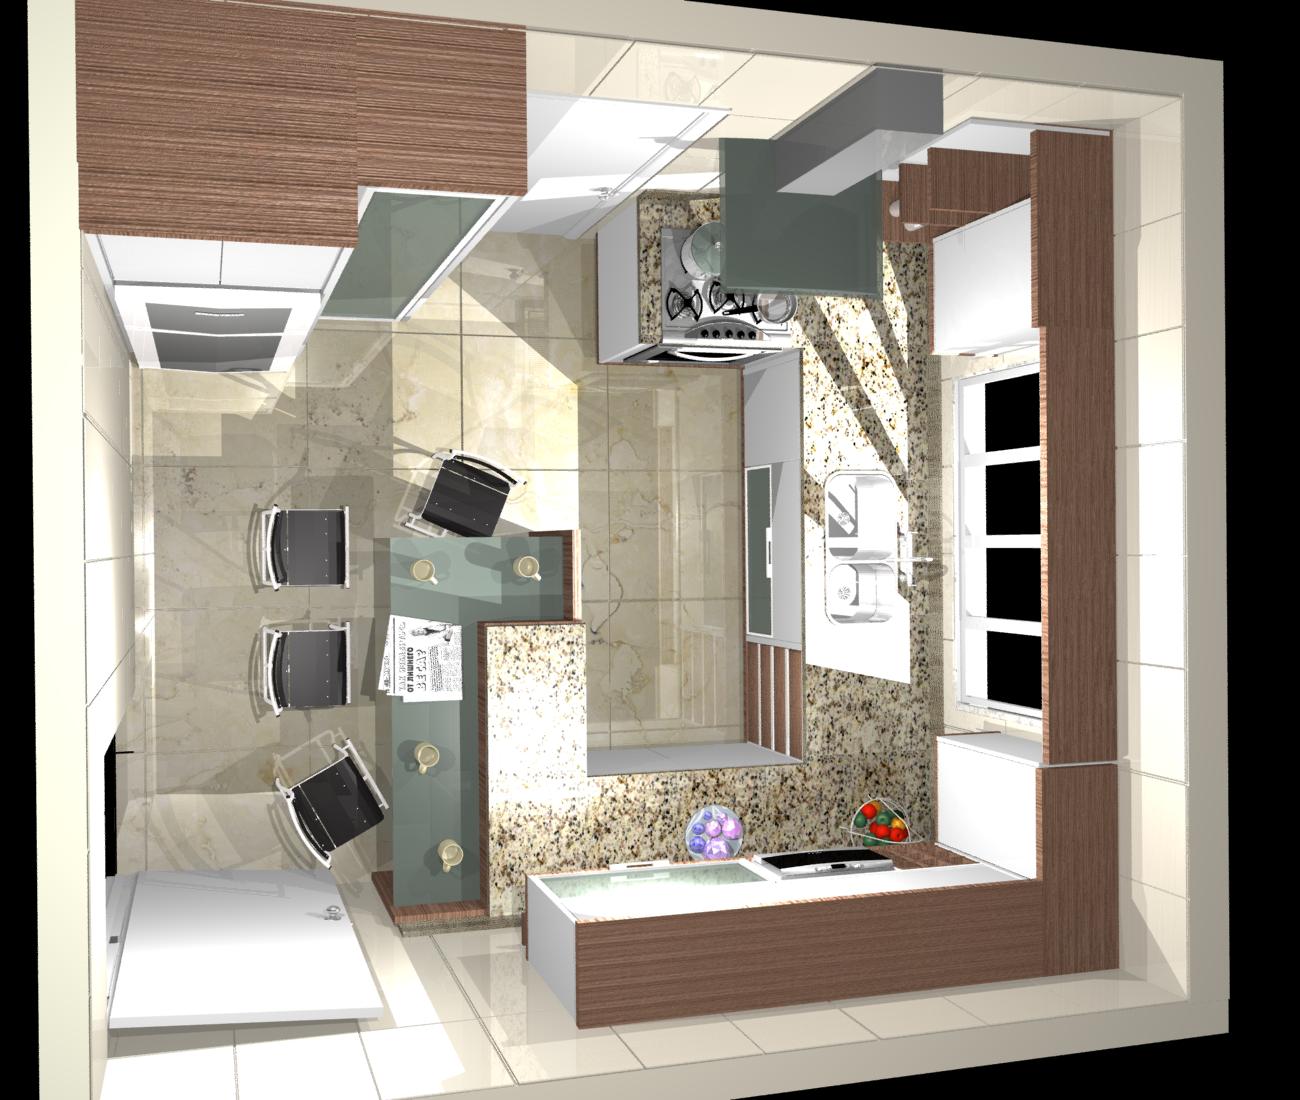 #664E3F PLANEJADOS MARCENARIA CASACOR NOIVAS PAINEL LACA ARMÁRIOS PROJETOS  1300x1100 px projeto banheiro igreja